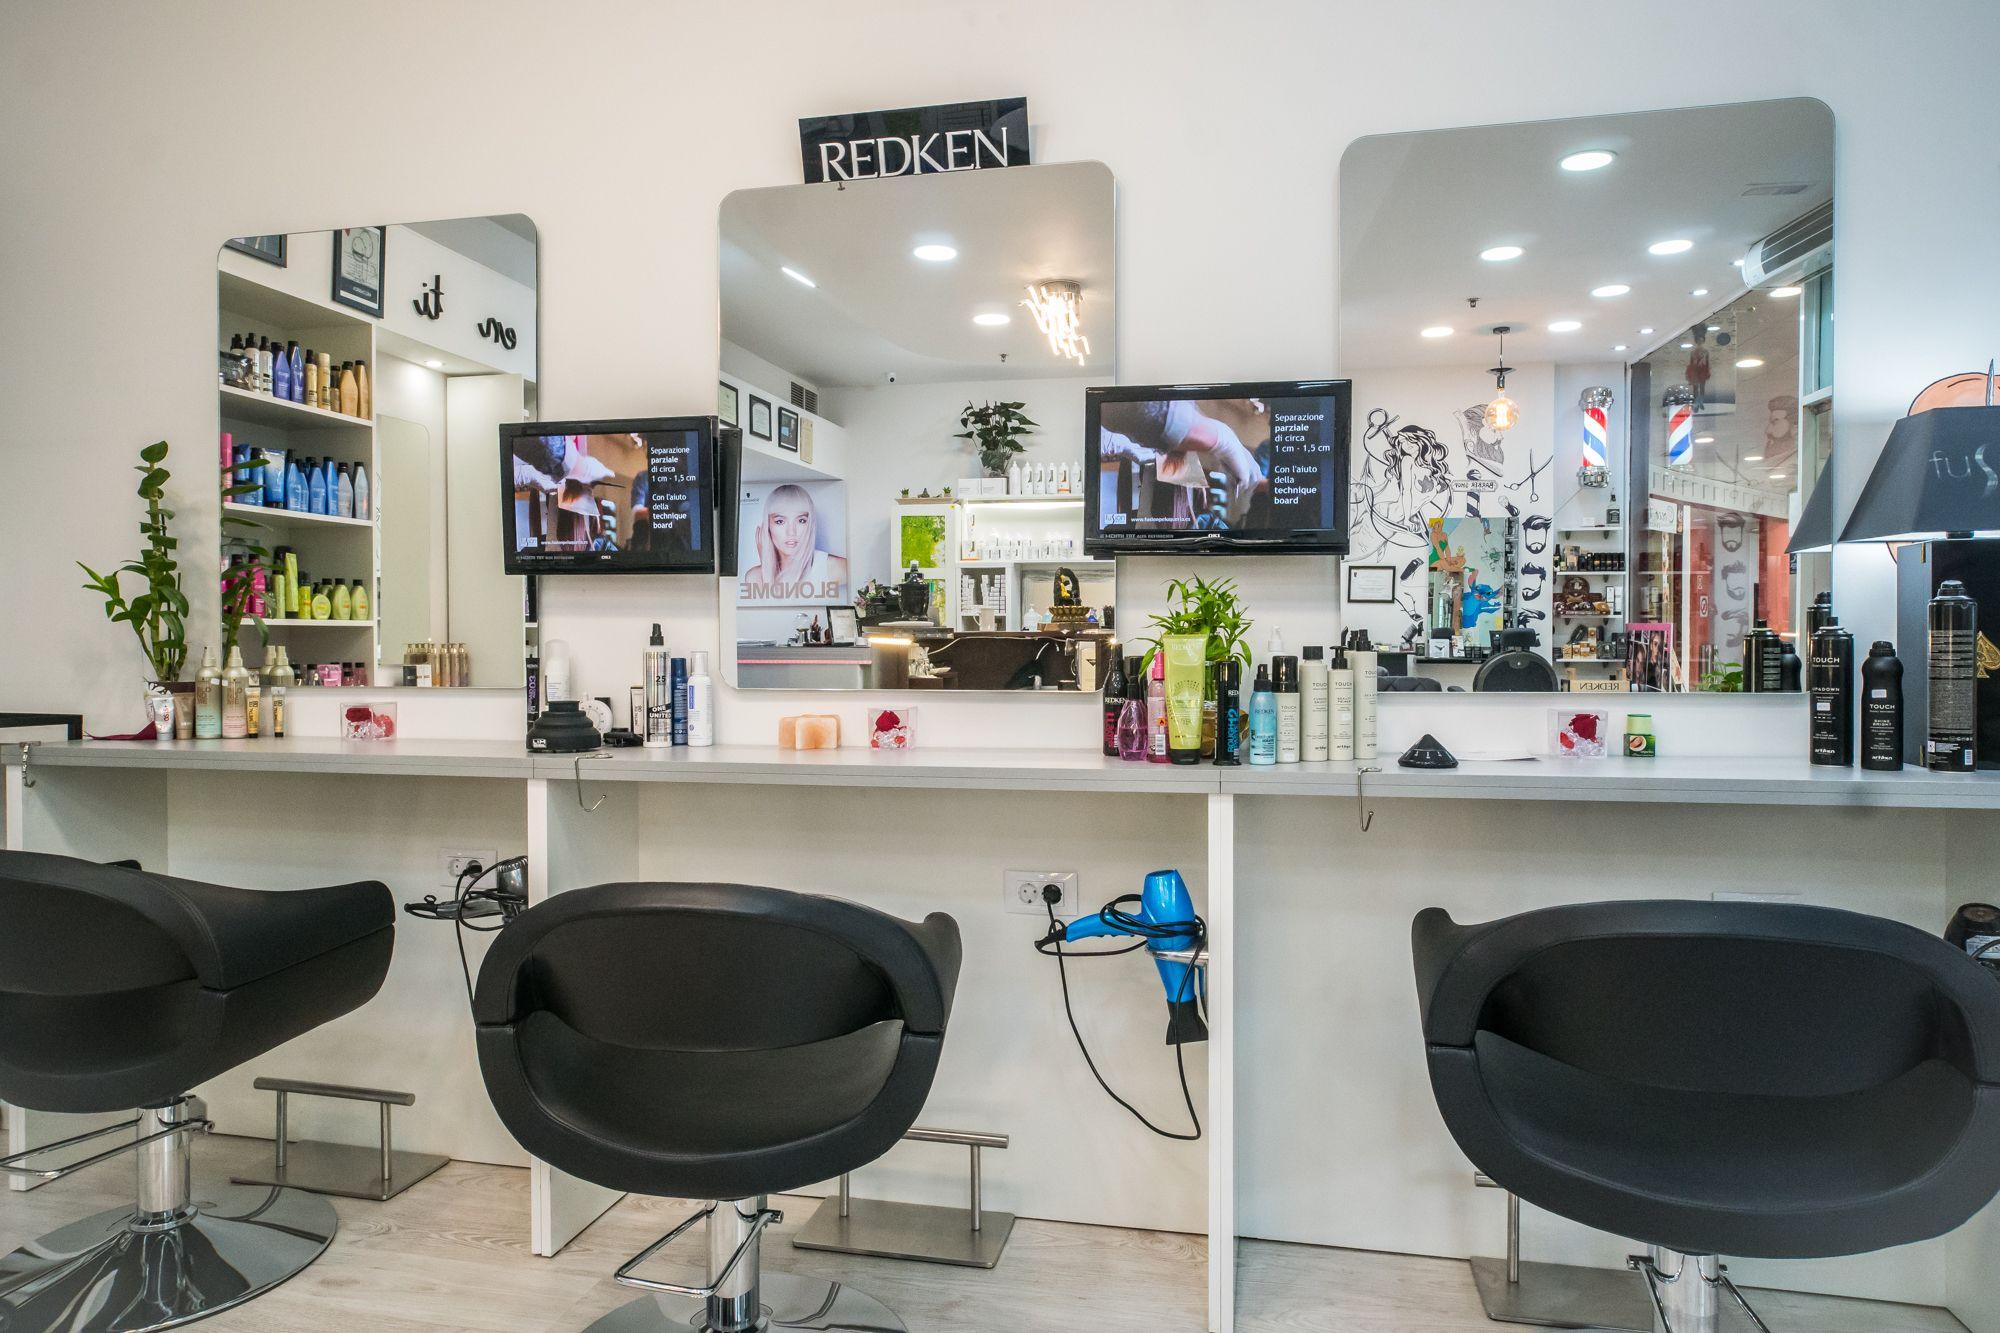 Foto 5 de Peluquería unisex con tratamientos capilares de excelente calidad en Maspalomas | Fusión Unisex Hairdressers